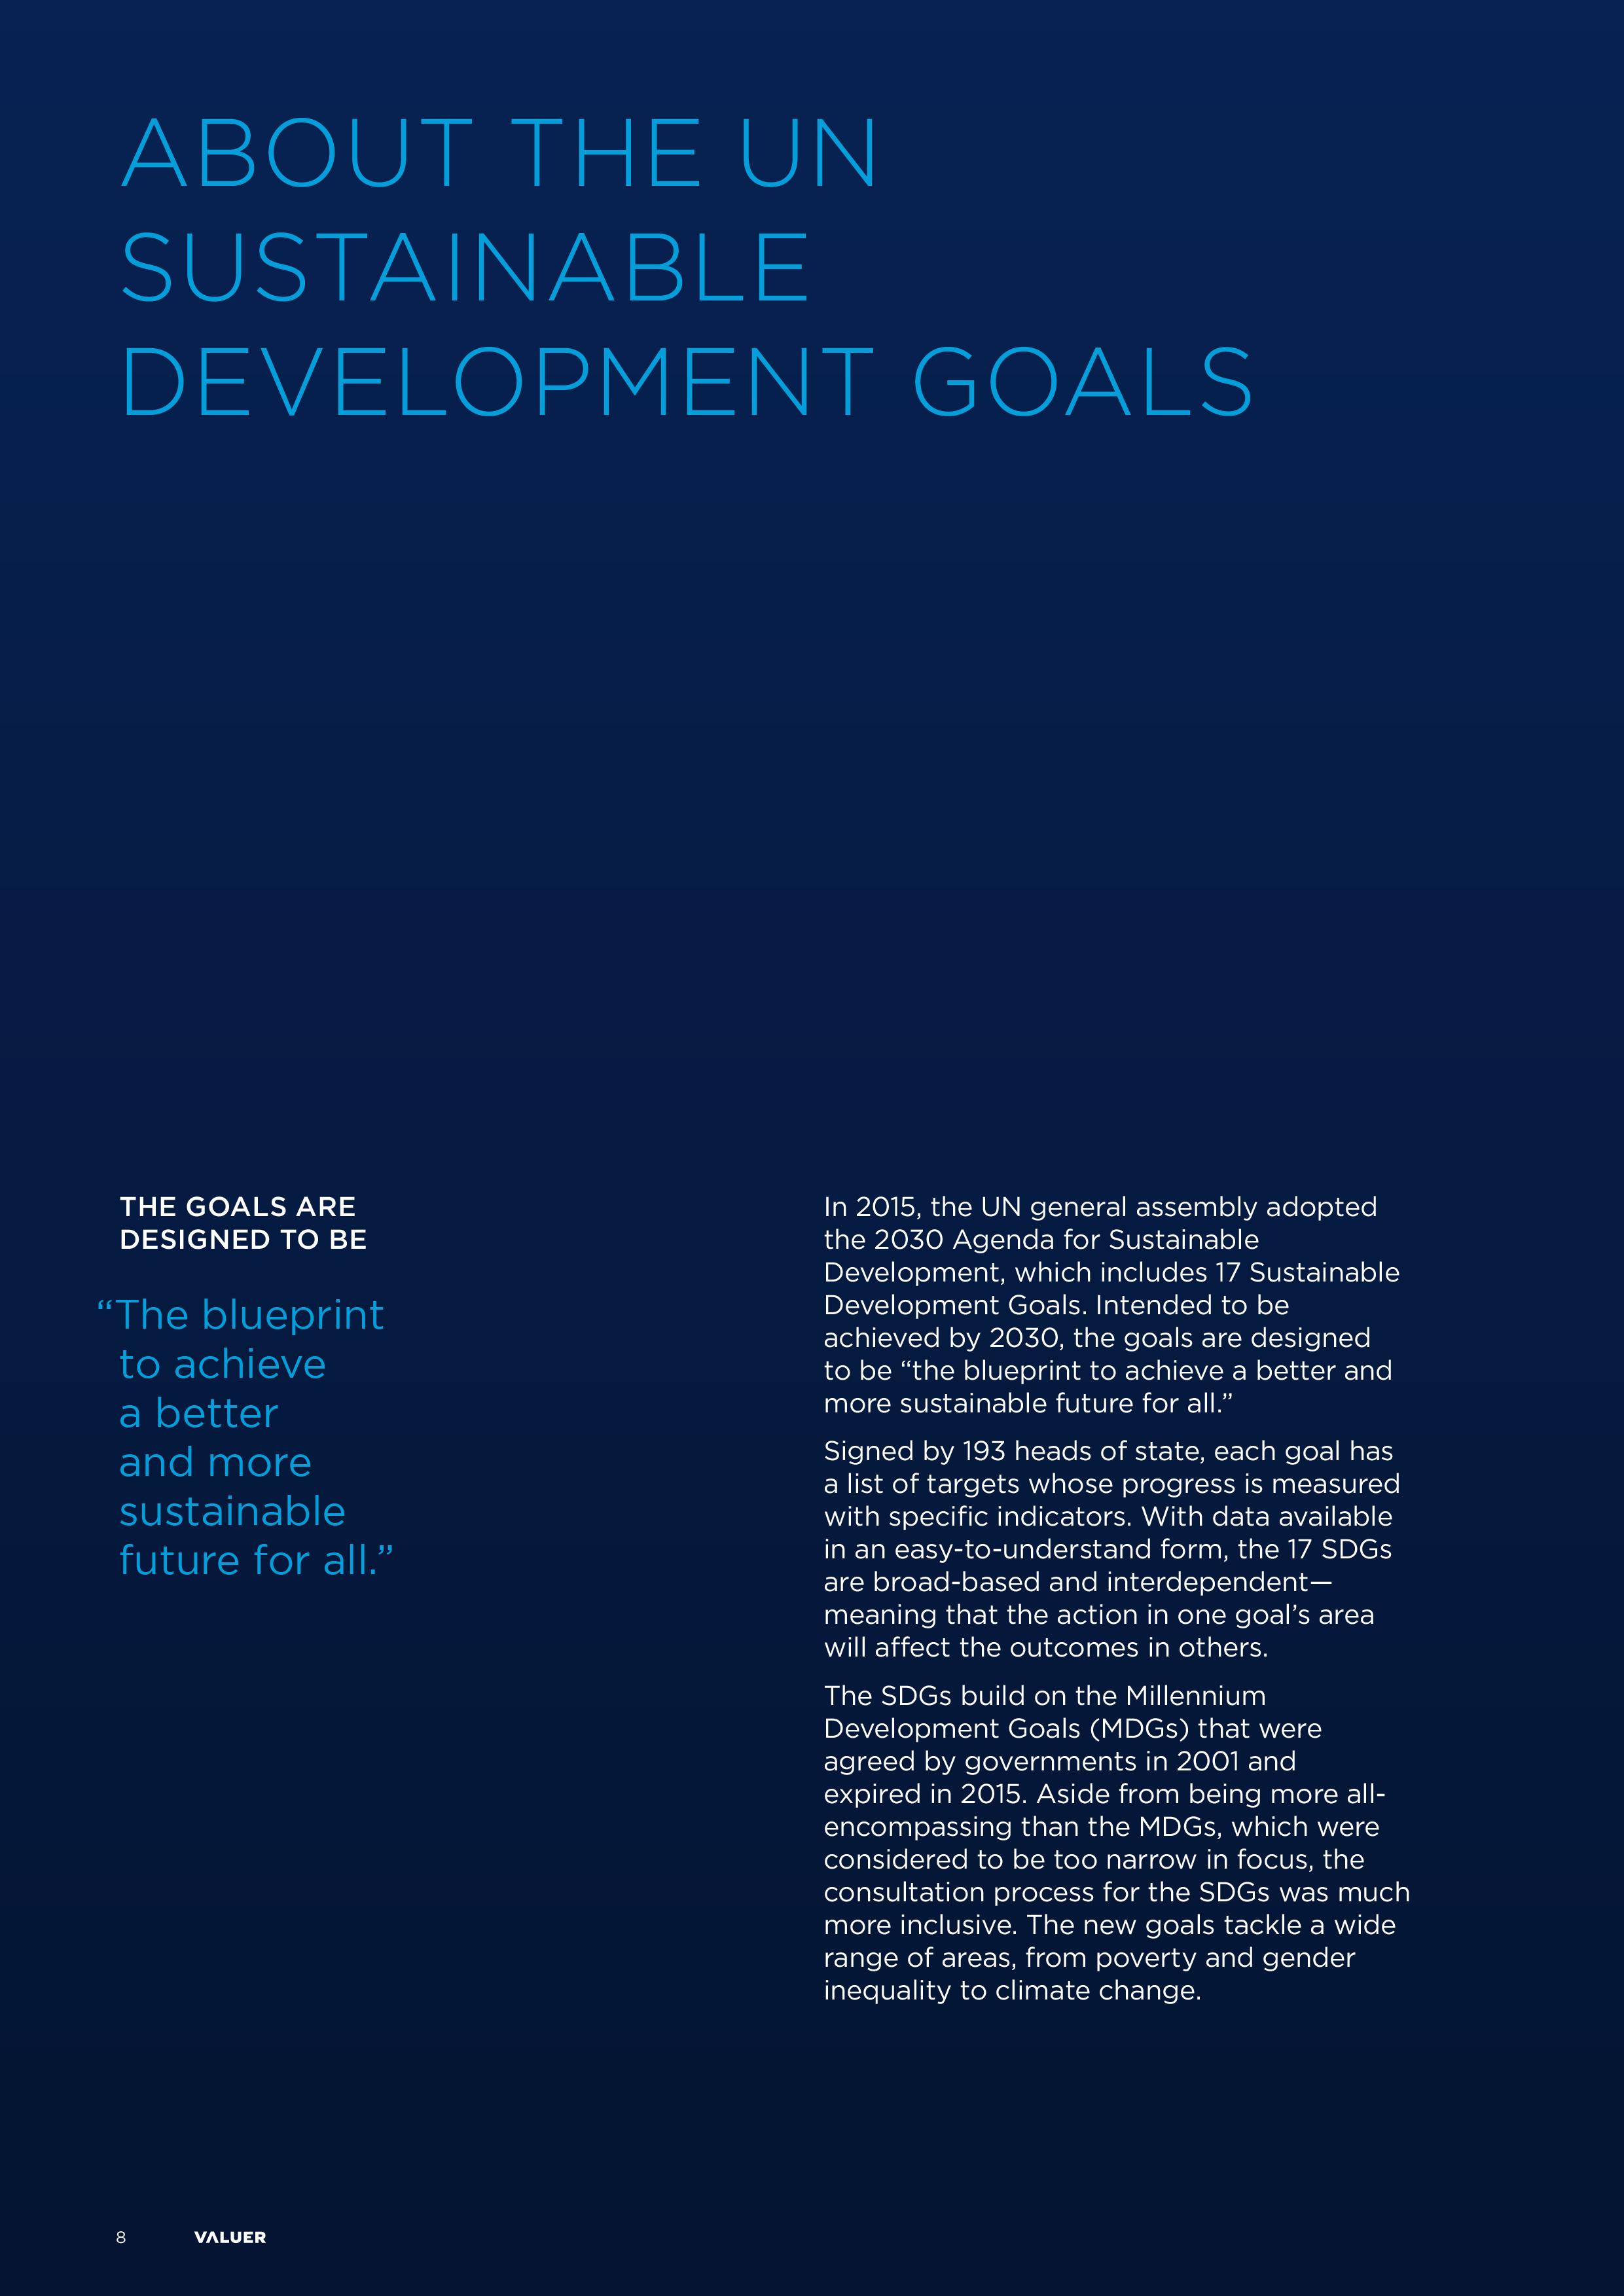 SDG 11 p. 5